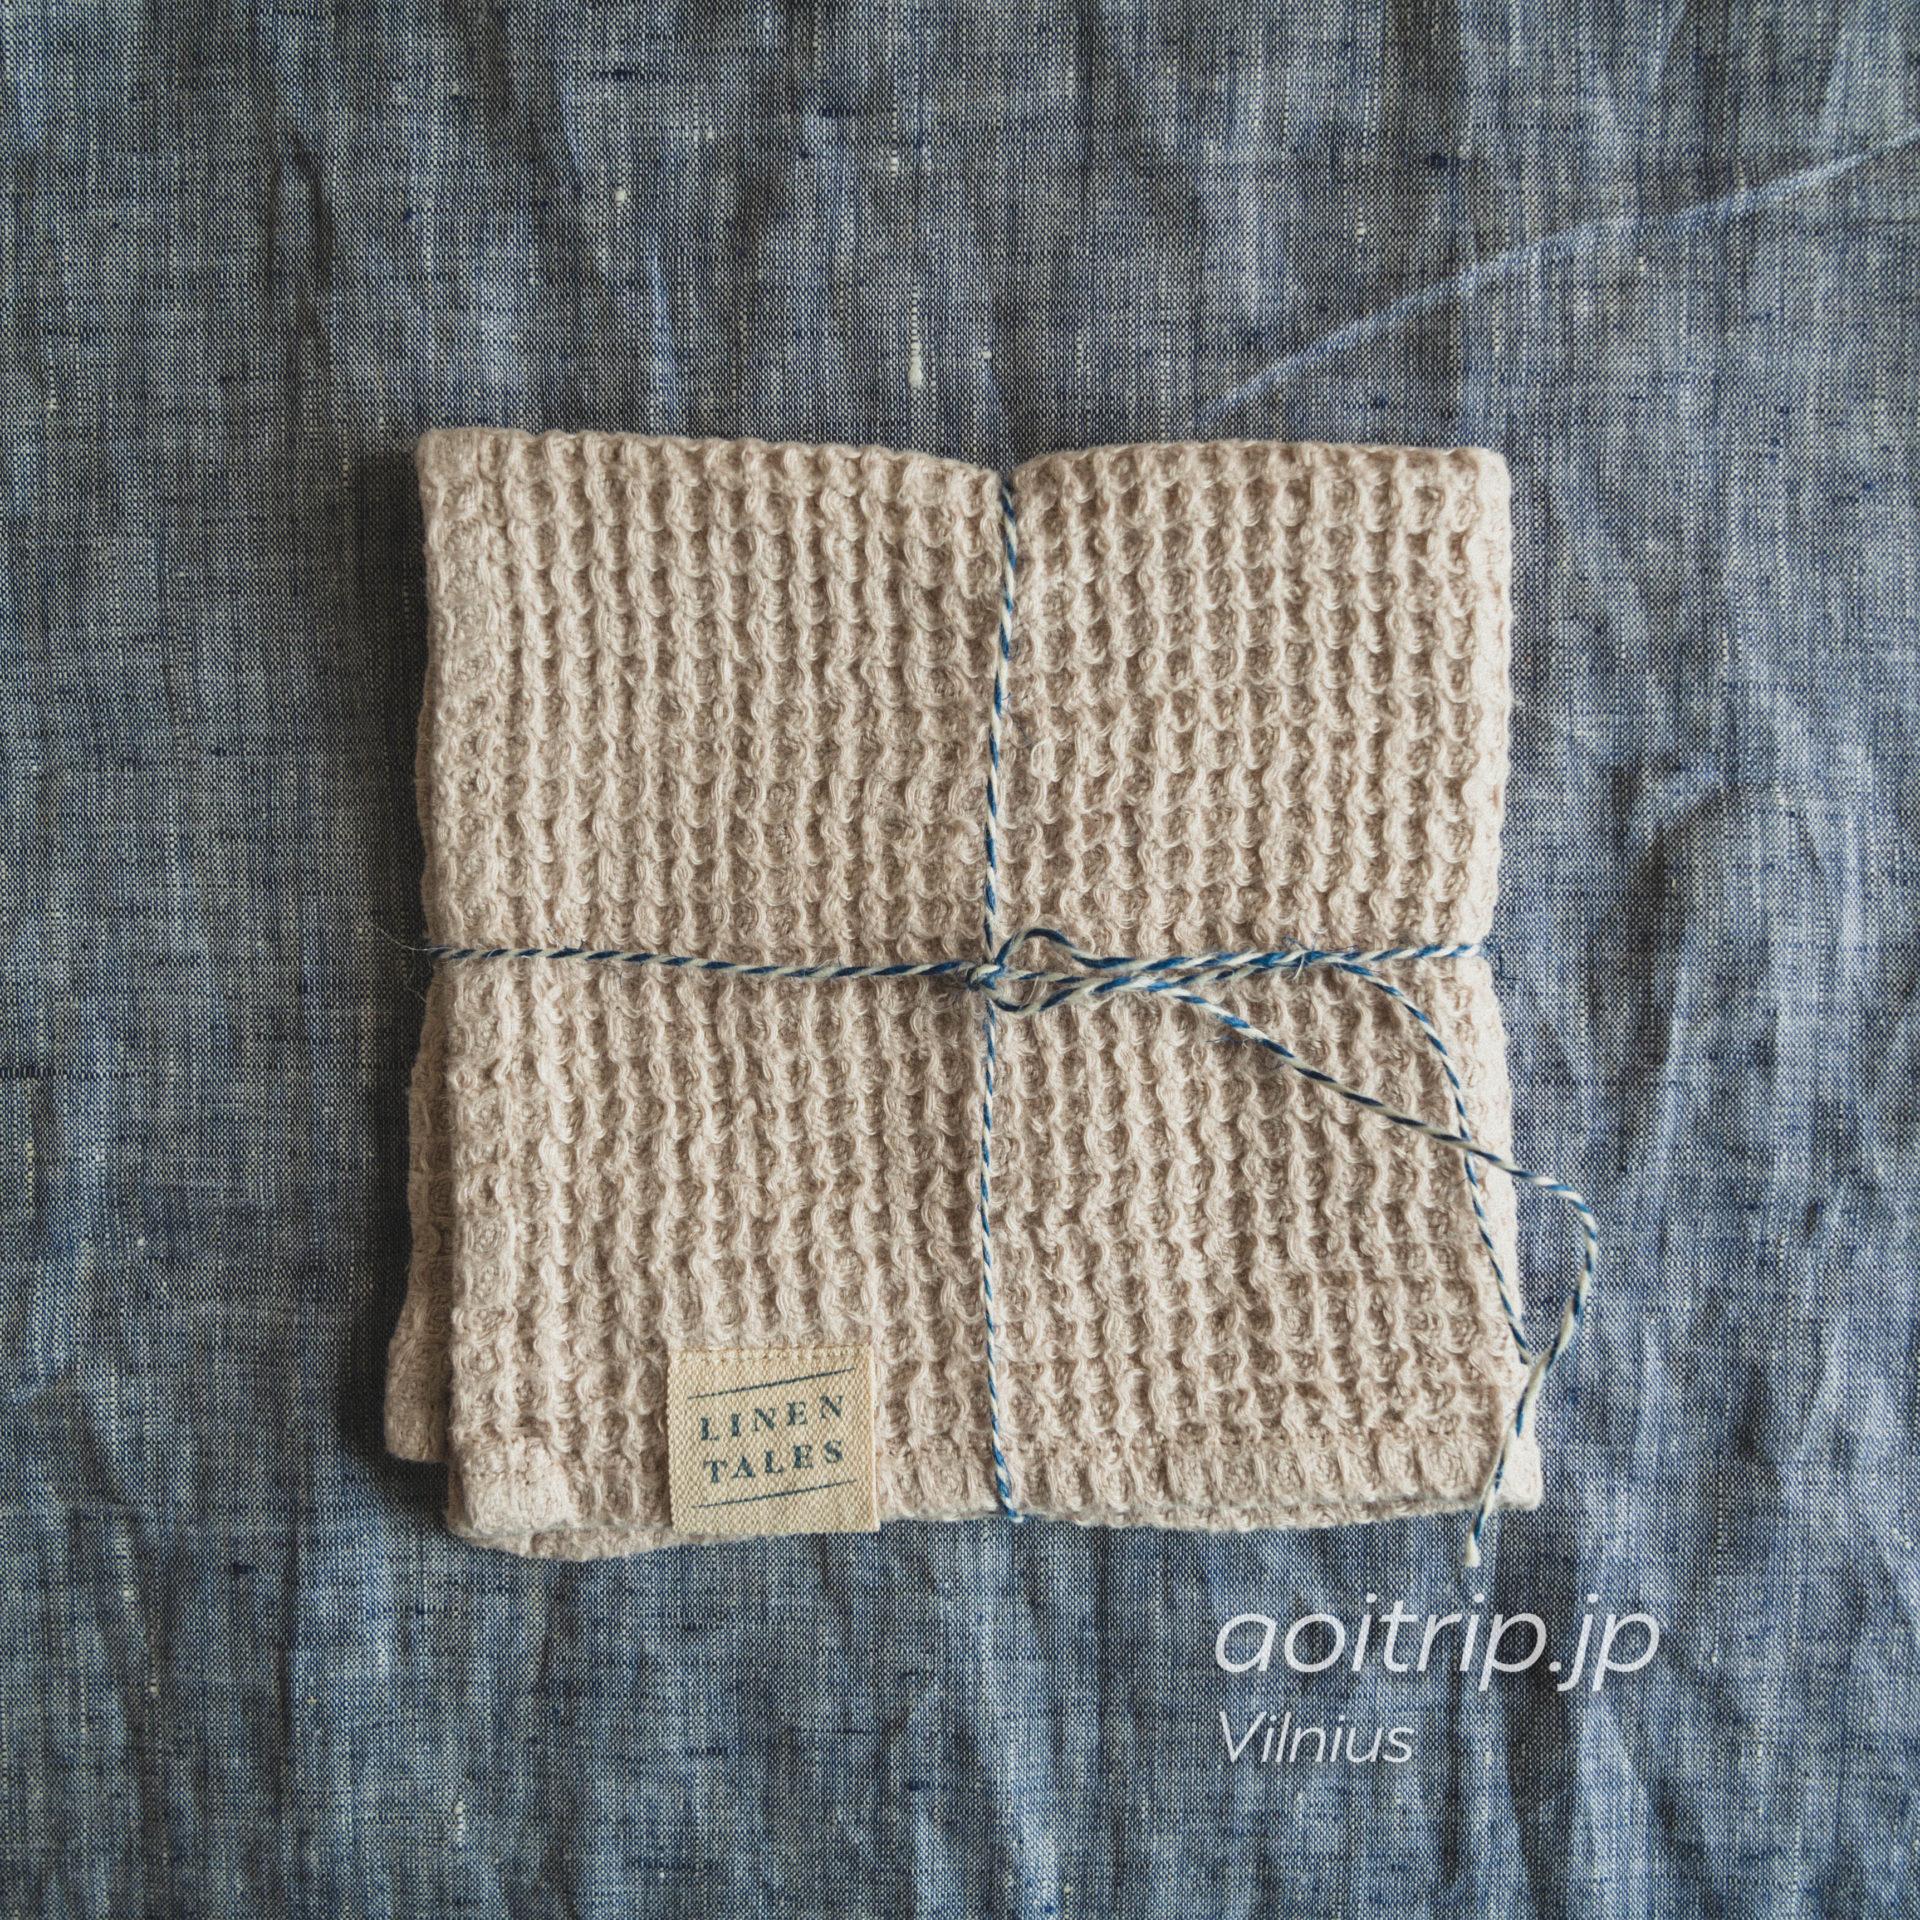 リトアニア ヴィリニュスのリネンテイルズ(Linen Tales)100% Linen made in Lithuania. 30×30. €7.50